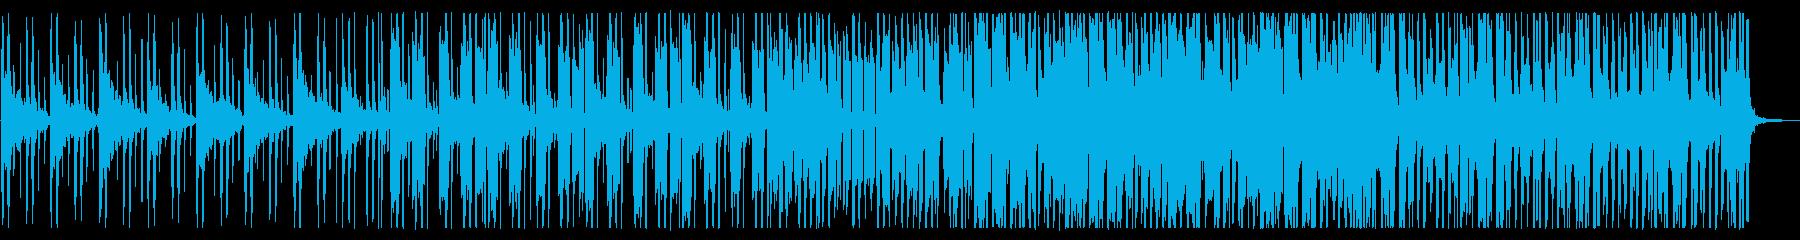 都会/優しさ/R&B_No436_2の再生済みの波形